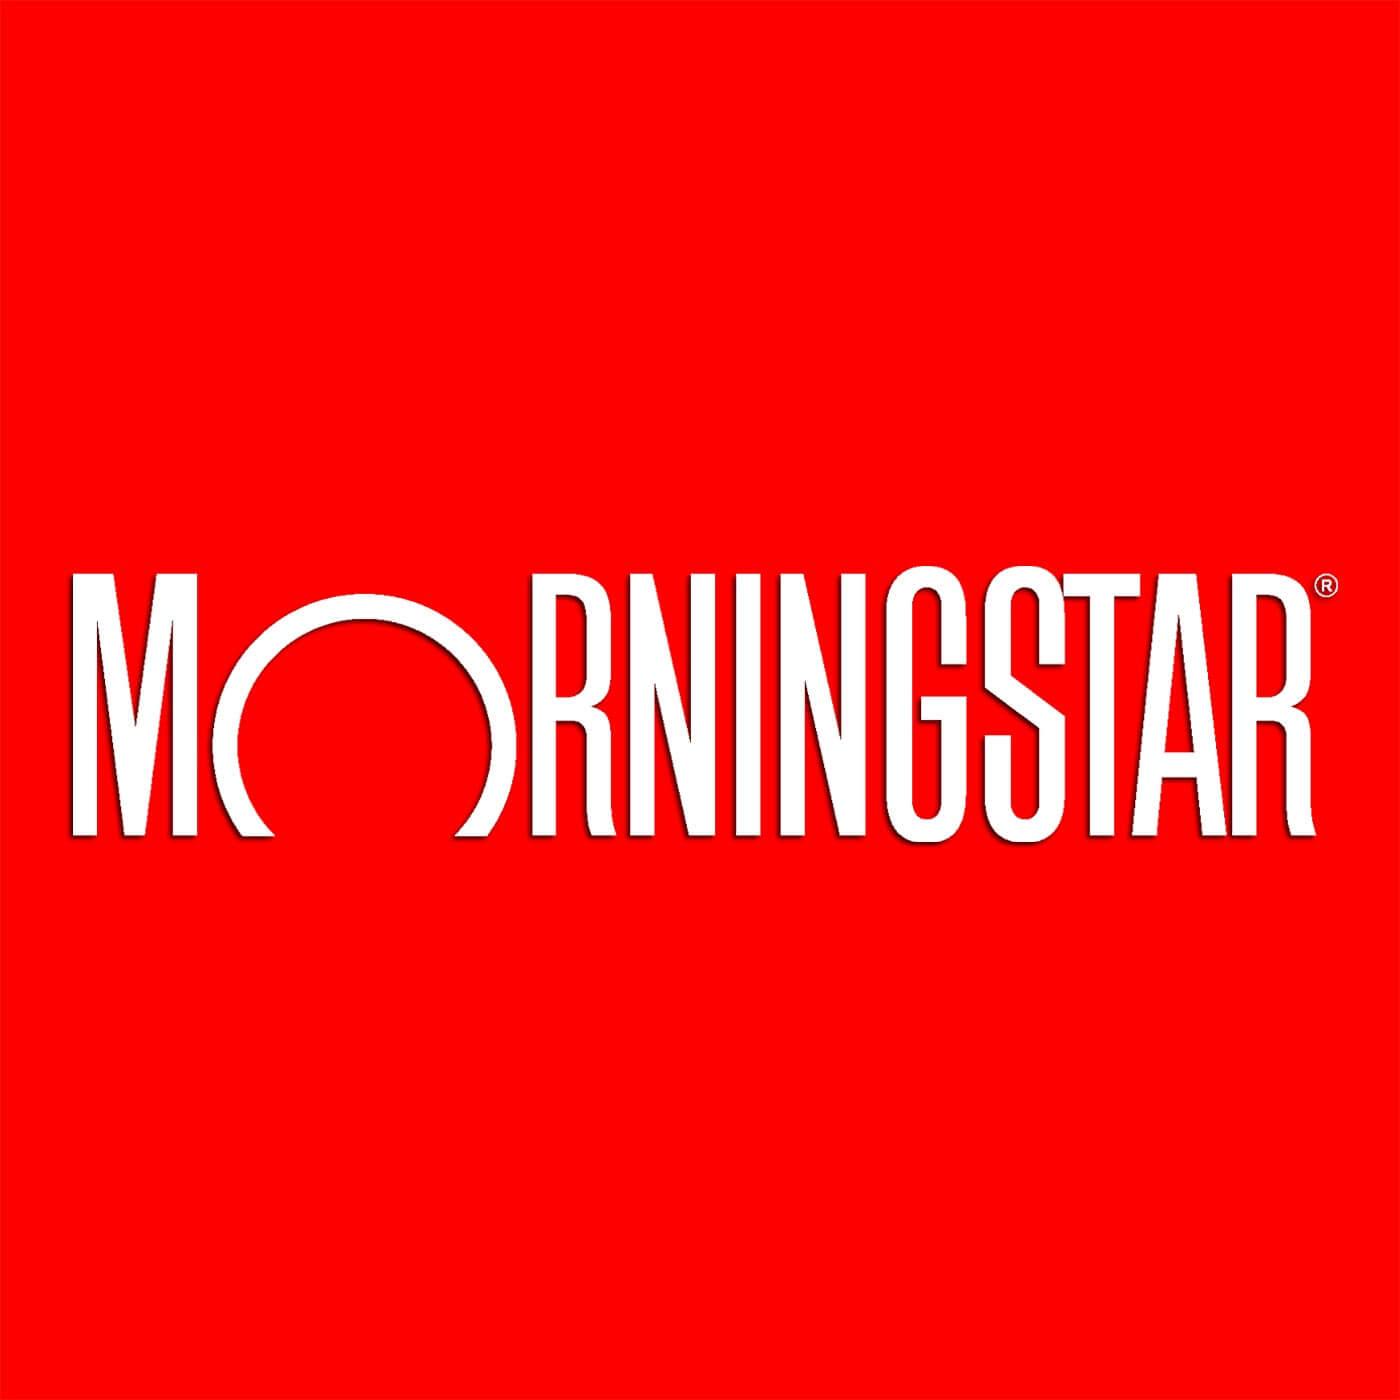 MorningStar For Stock Analysis